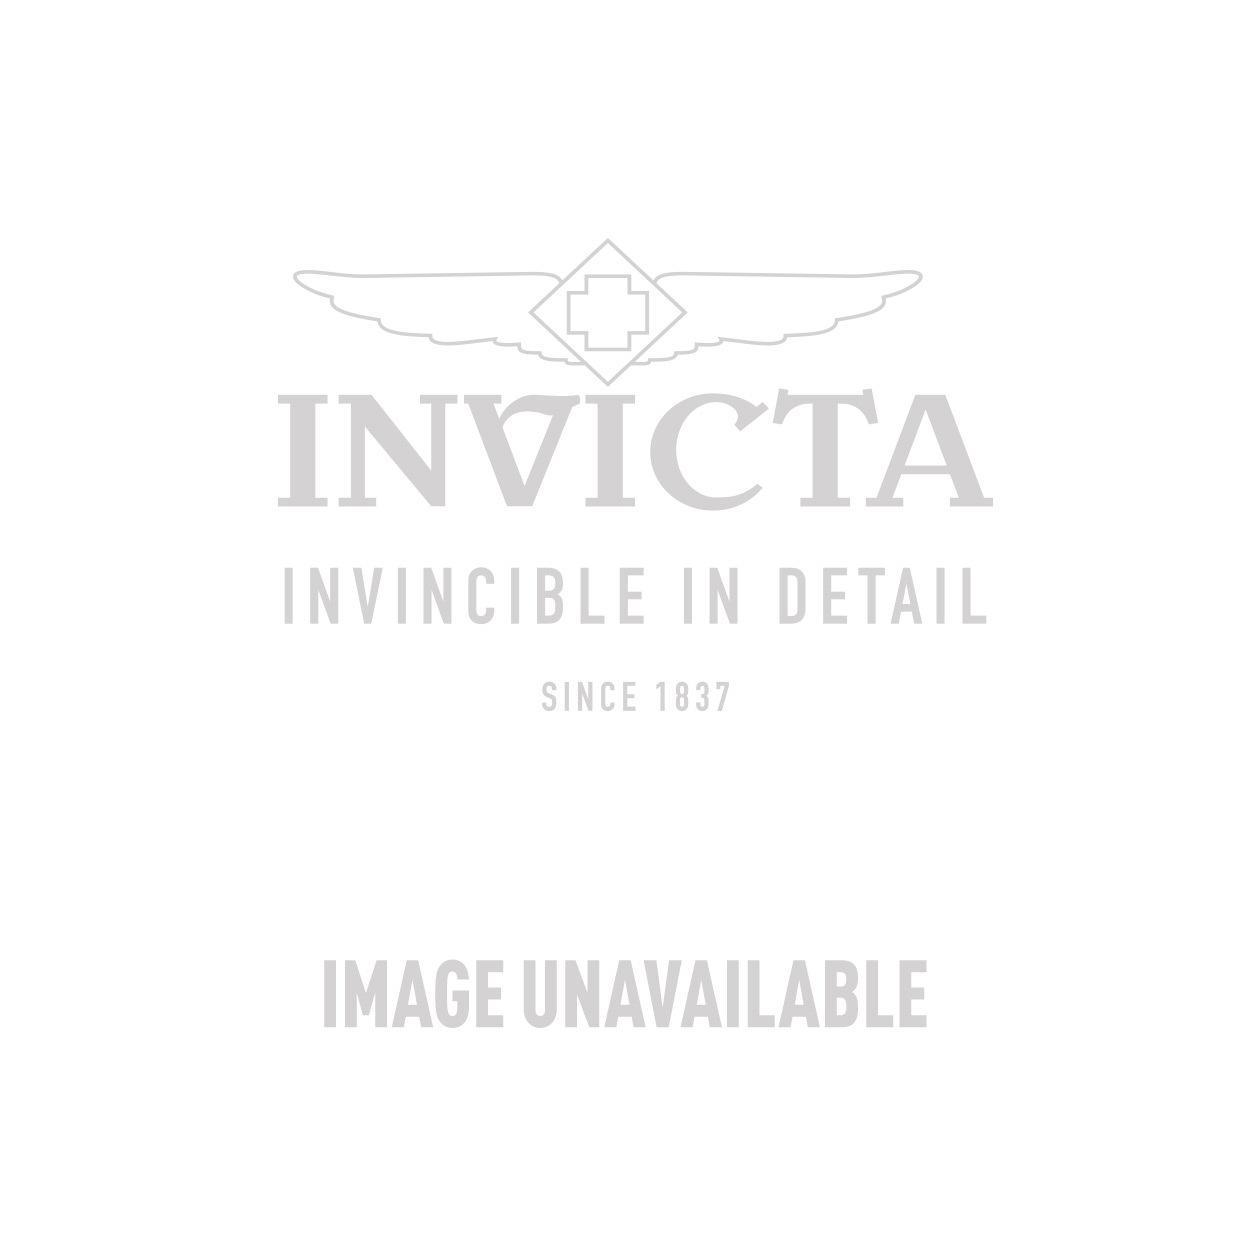 Invicta Model 27124